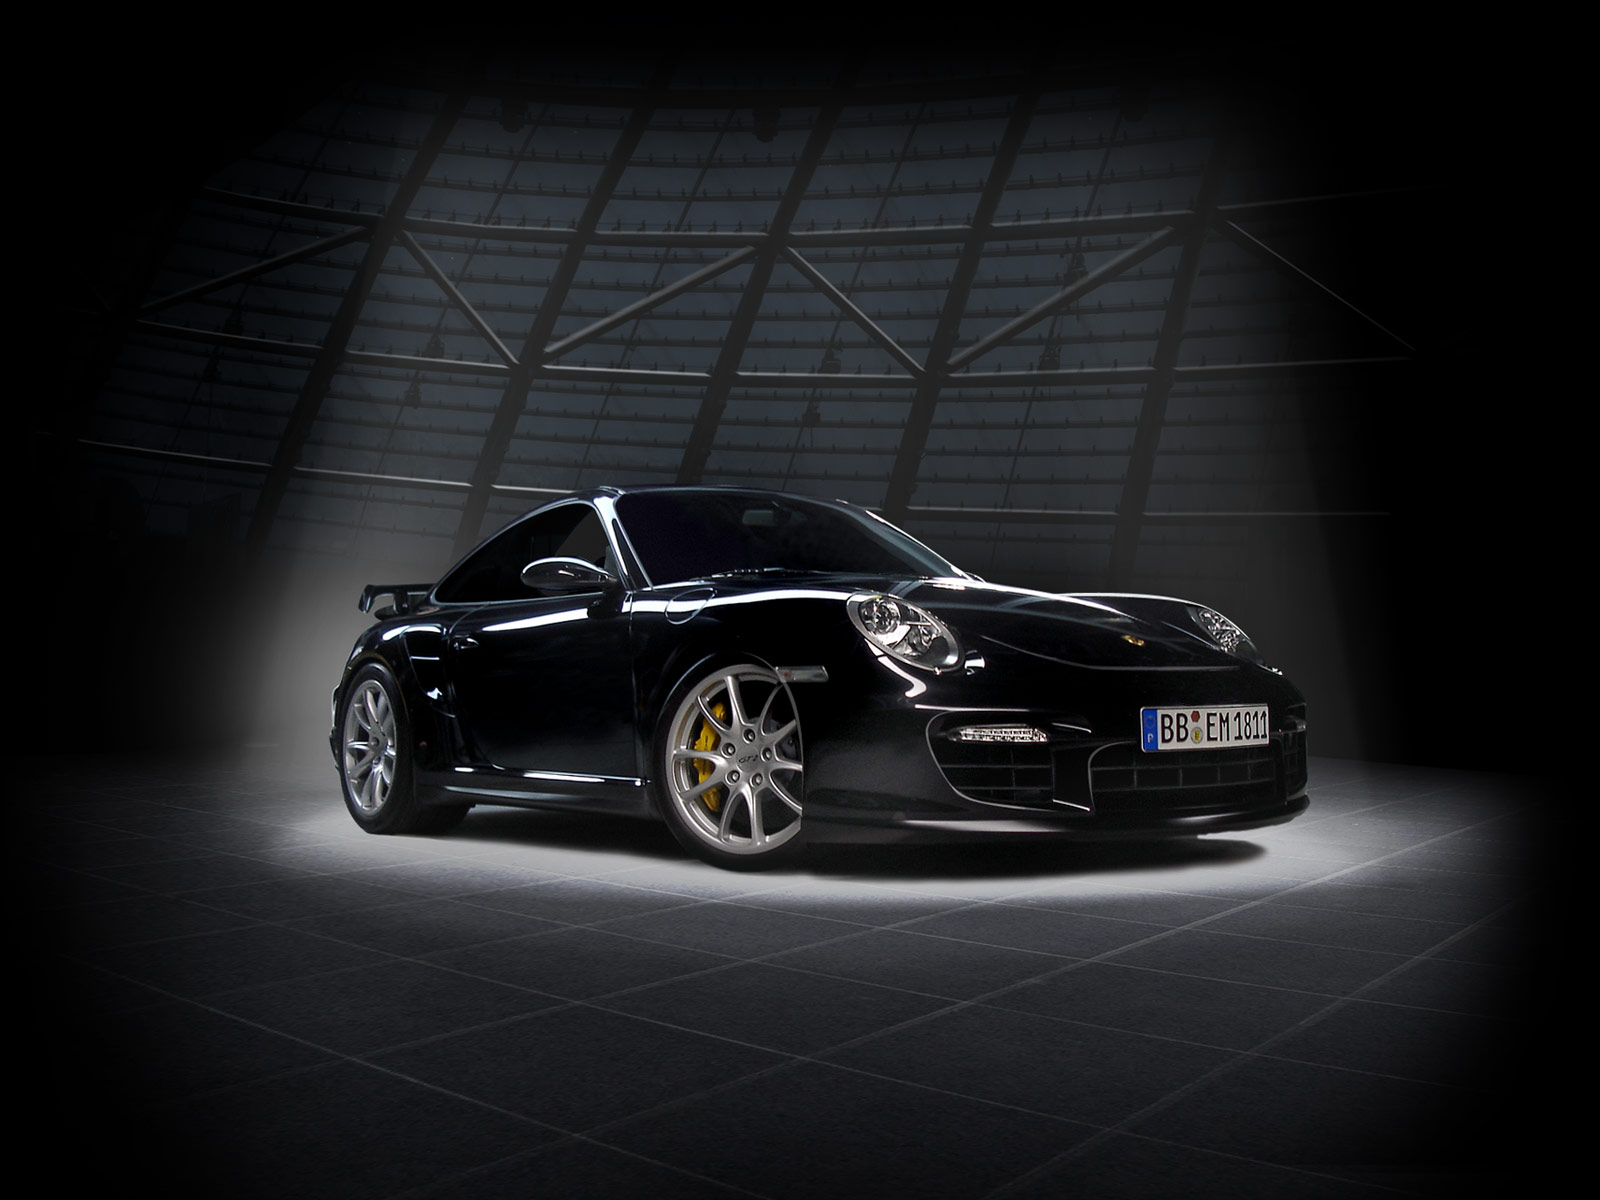 Porsche 997 911 Gt2 Sex With An Engine Rawautos Com